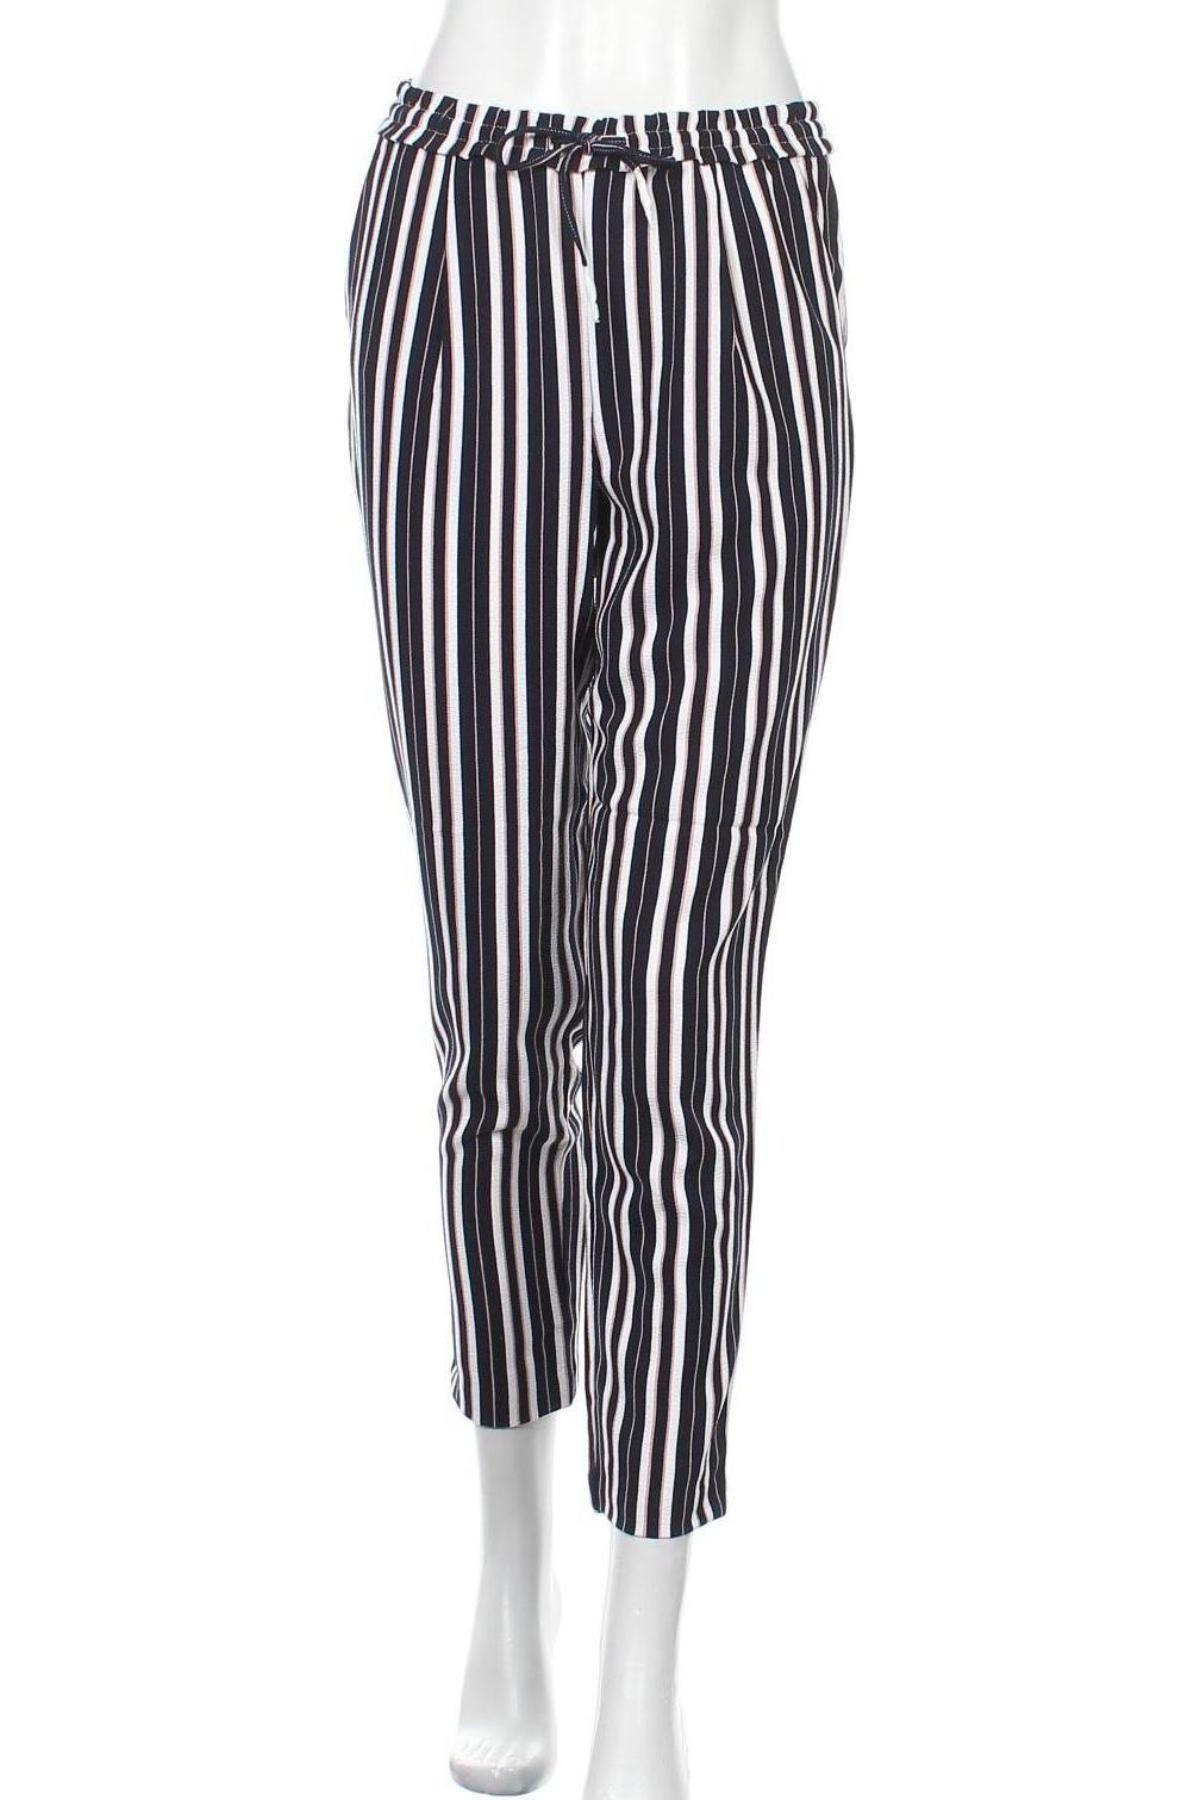 Дамски панталон ONLY, Размер S, Цвят Многоцветен, 97% полиестер, 3% еластан, Цена 8,43лв.